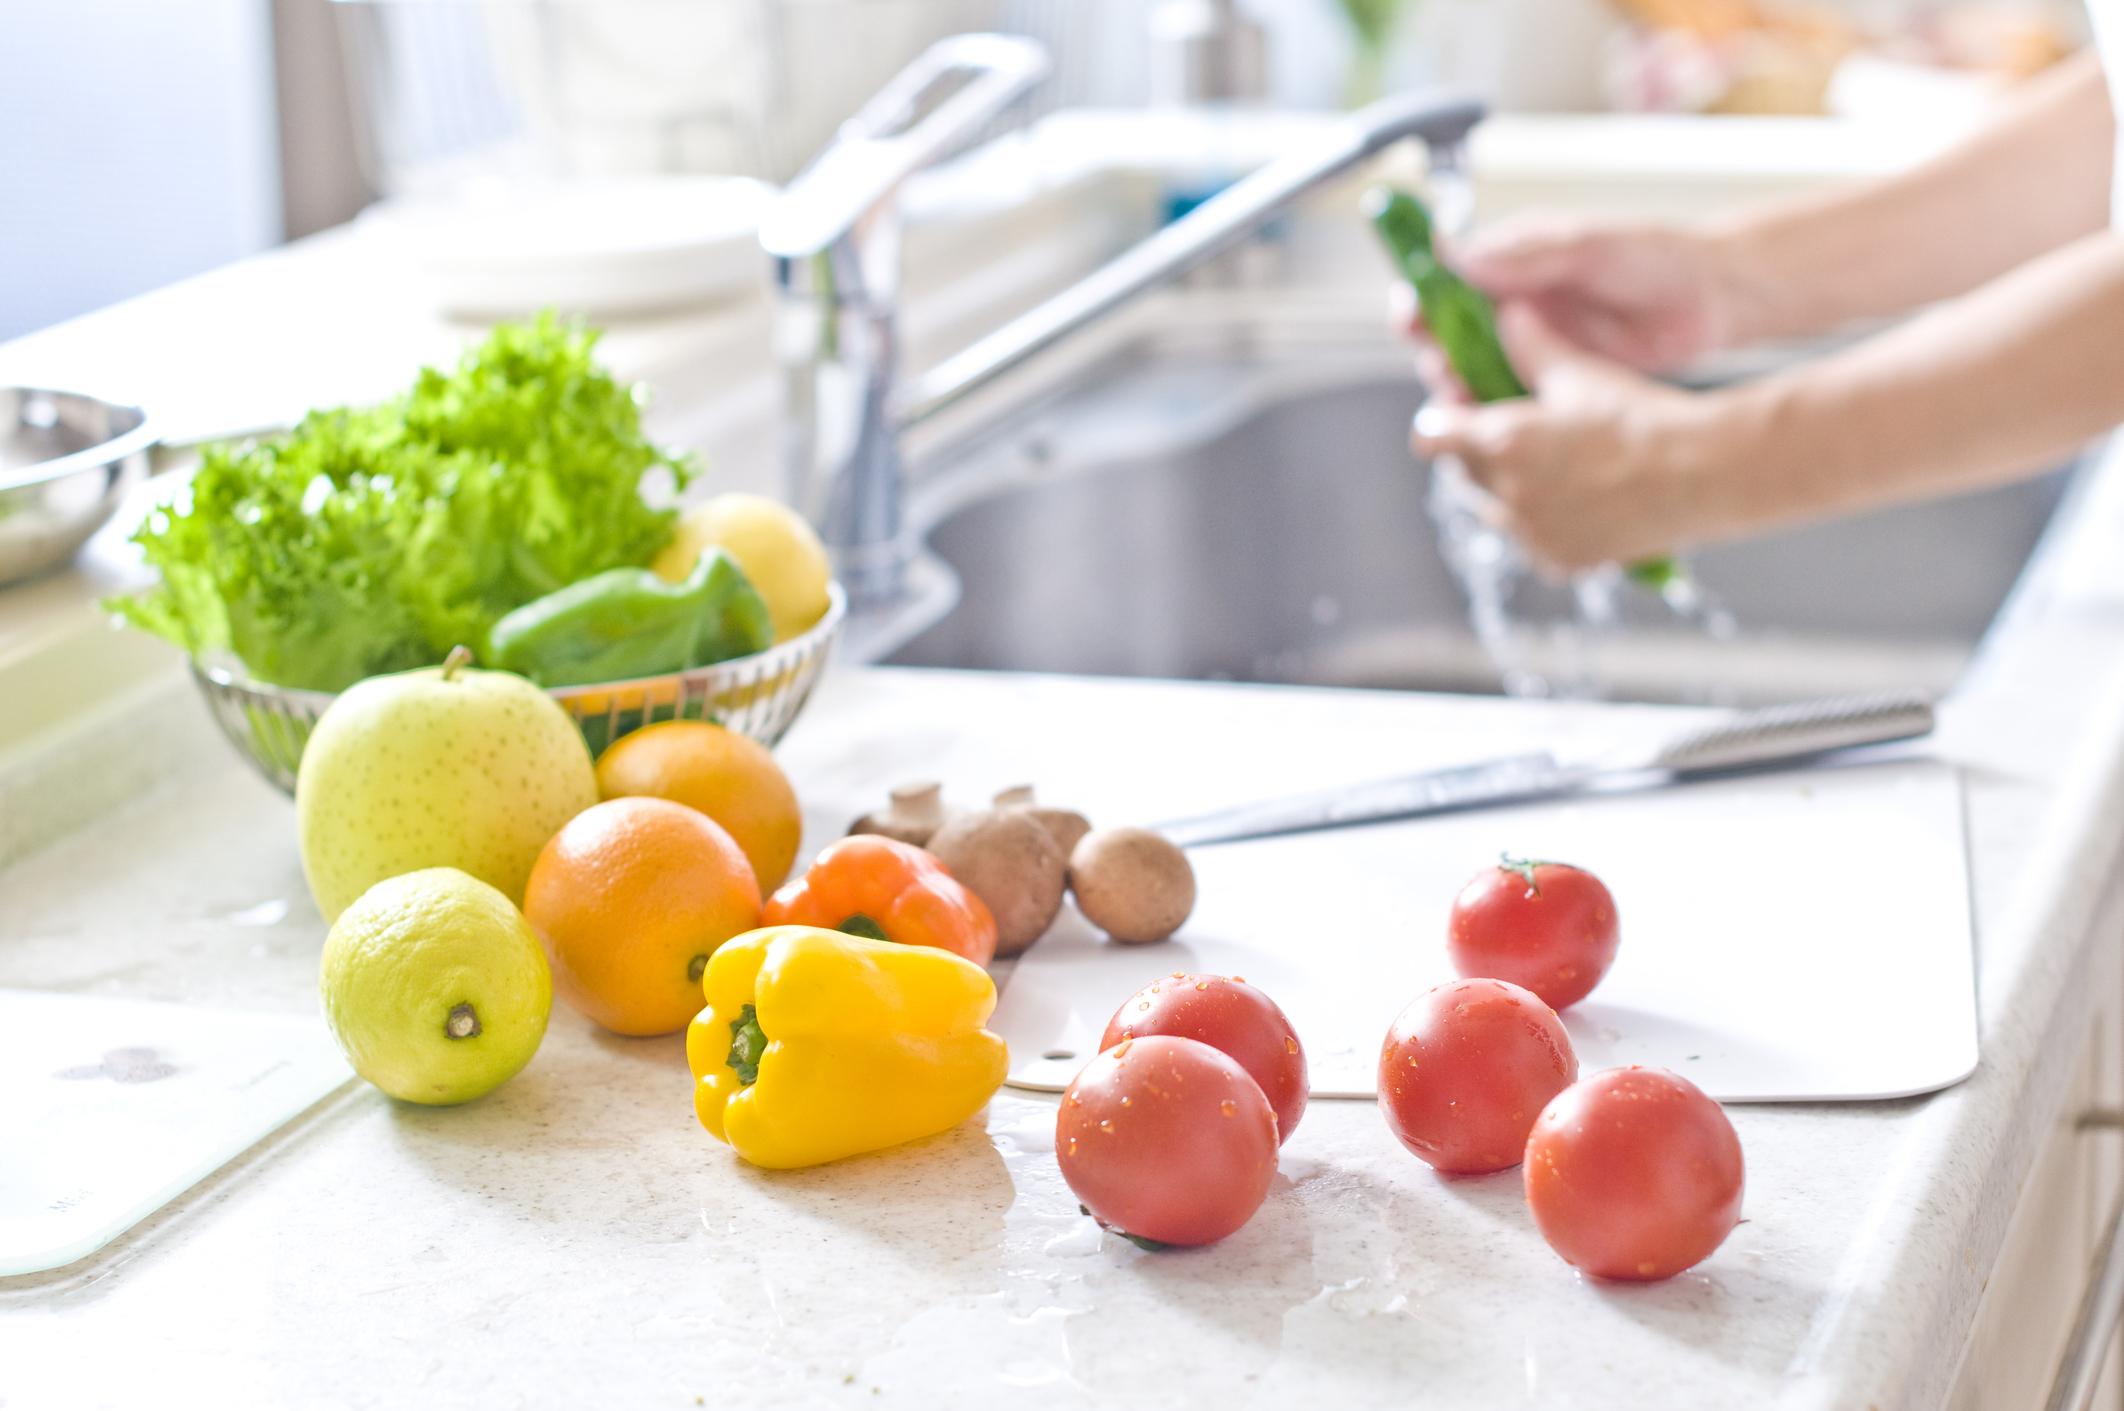 Os cuidados com a saúde também envolvem o processo de higienização das verduras, frutas e legumes é uma etapa muito importante para isso.